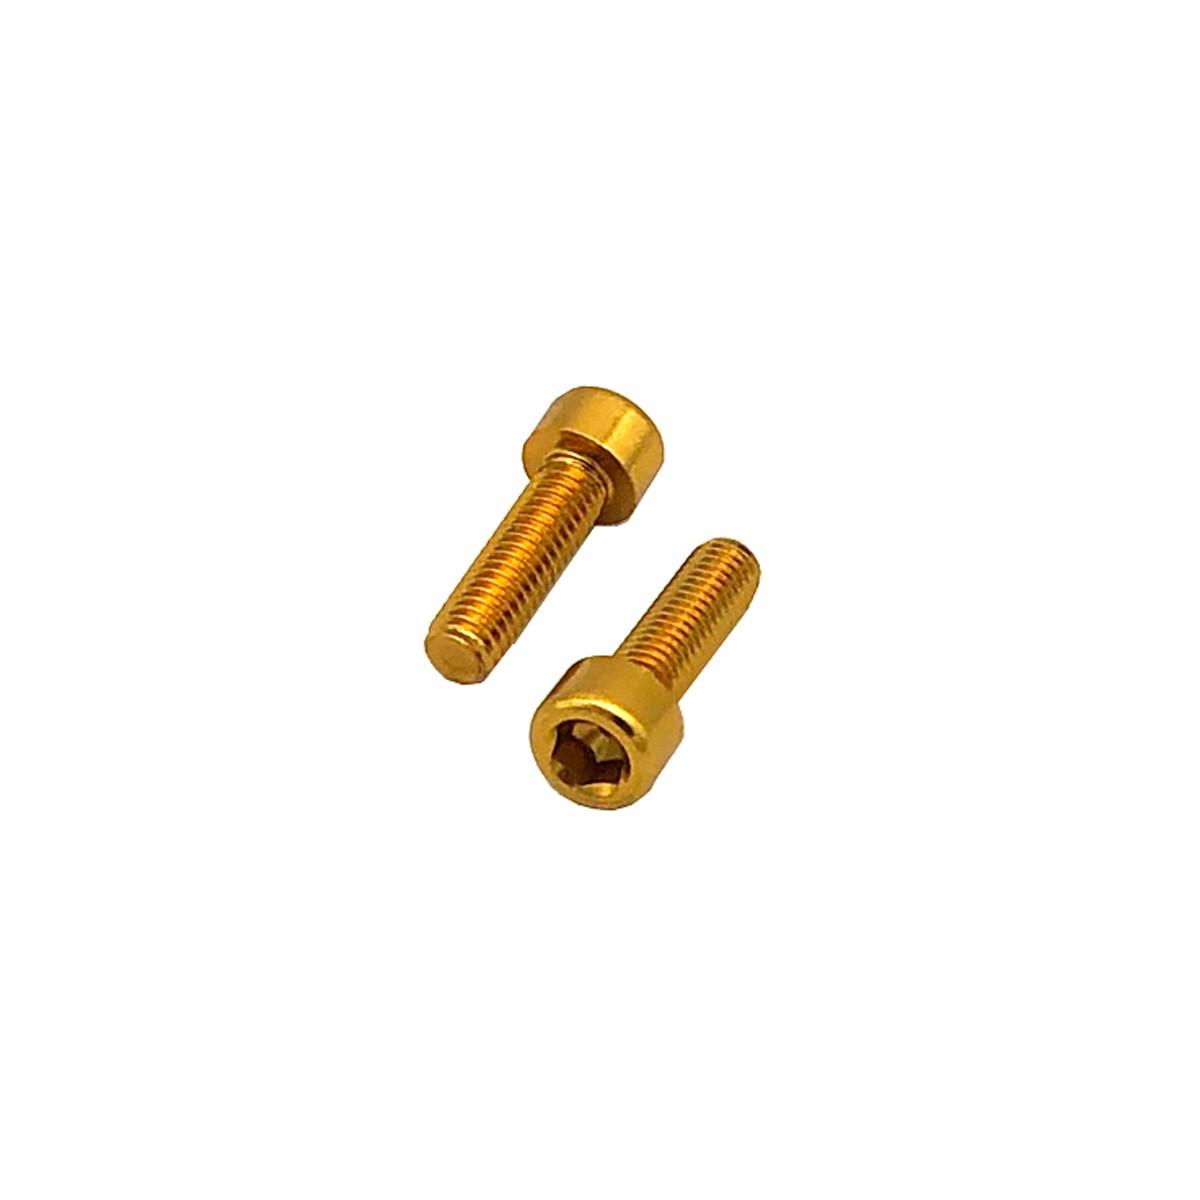 Parafuso Allen de Aluminio Socket Cap M4 x 10mm Unidade Dourado